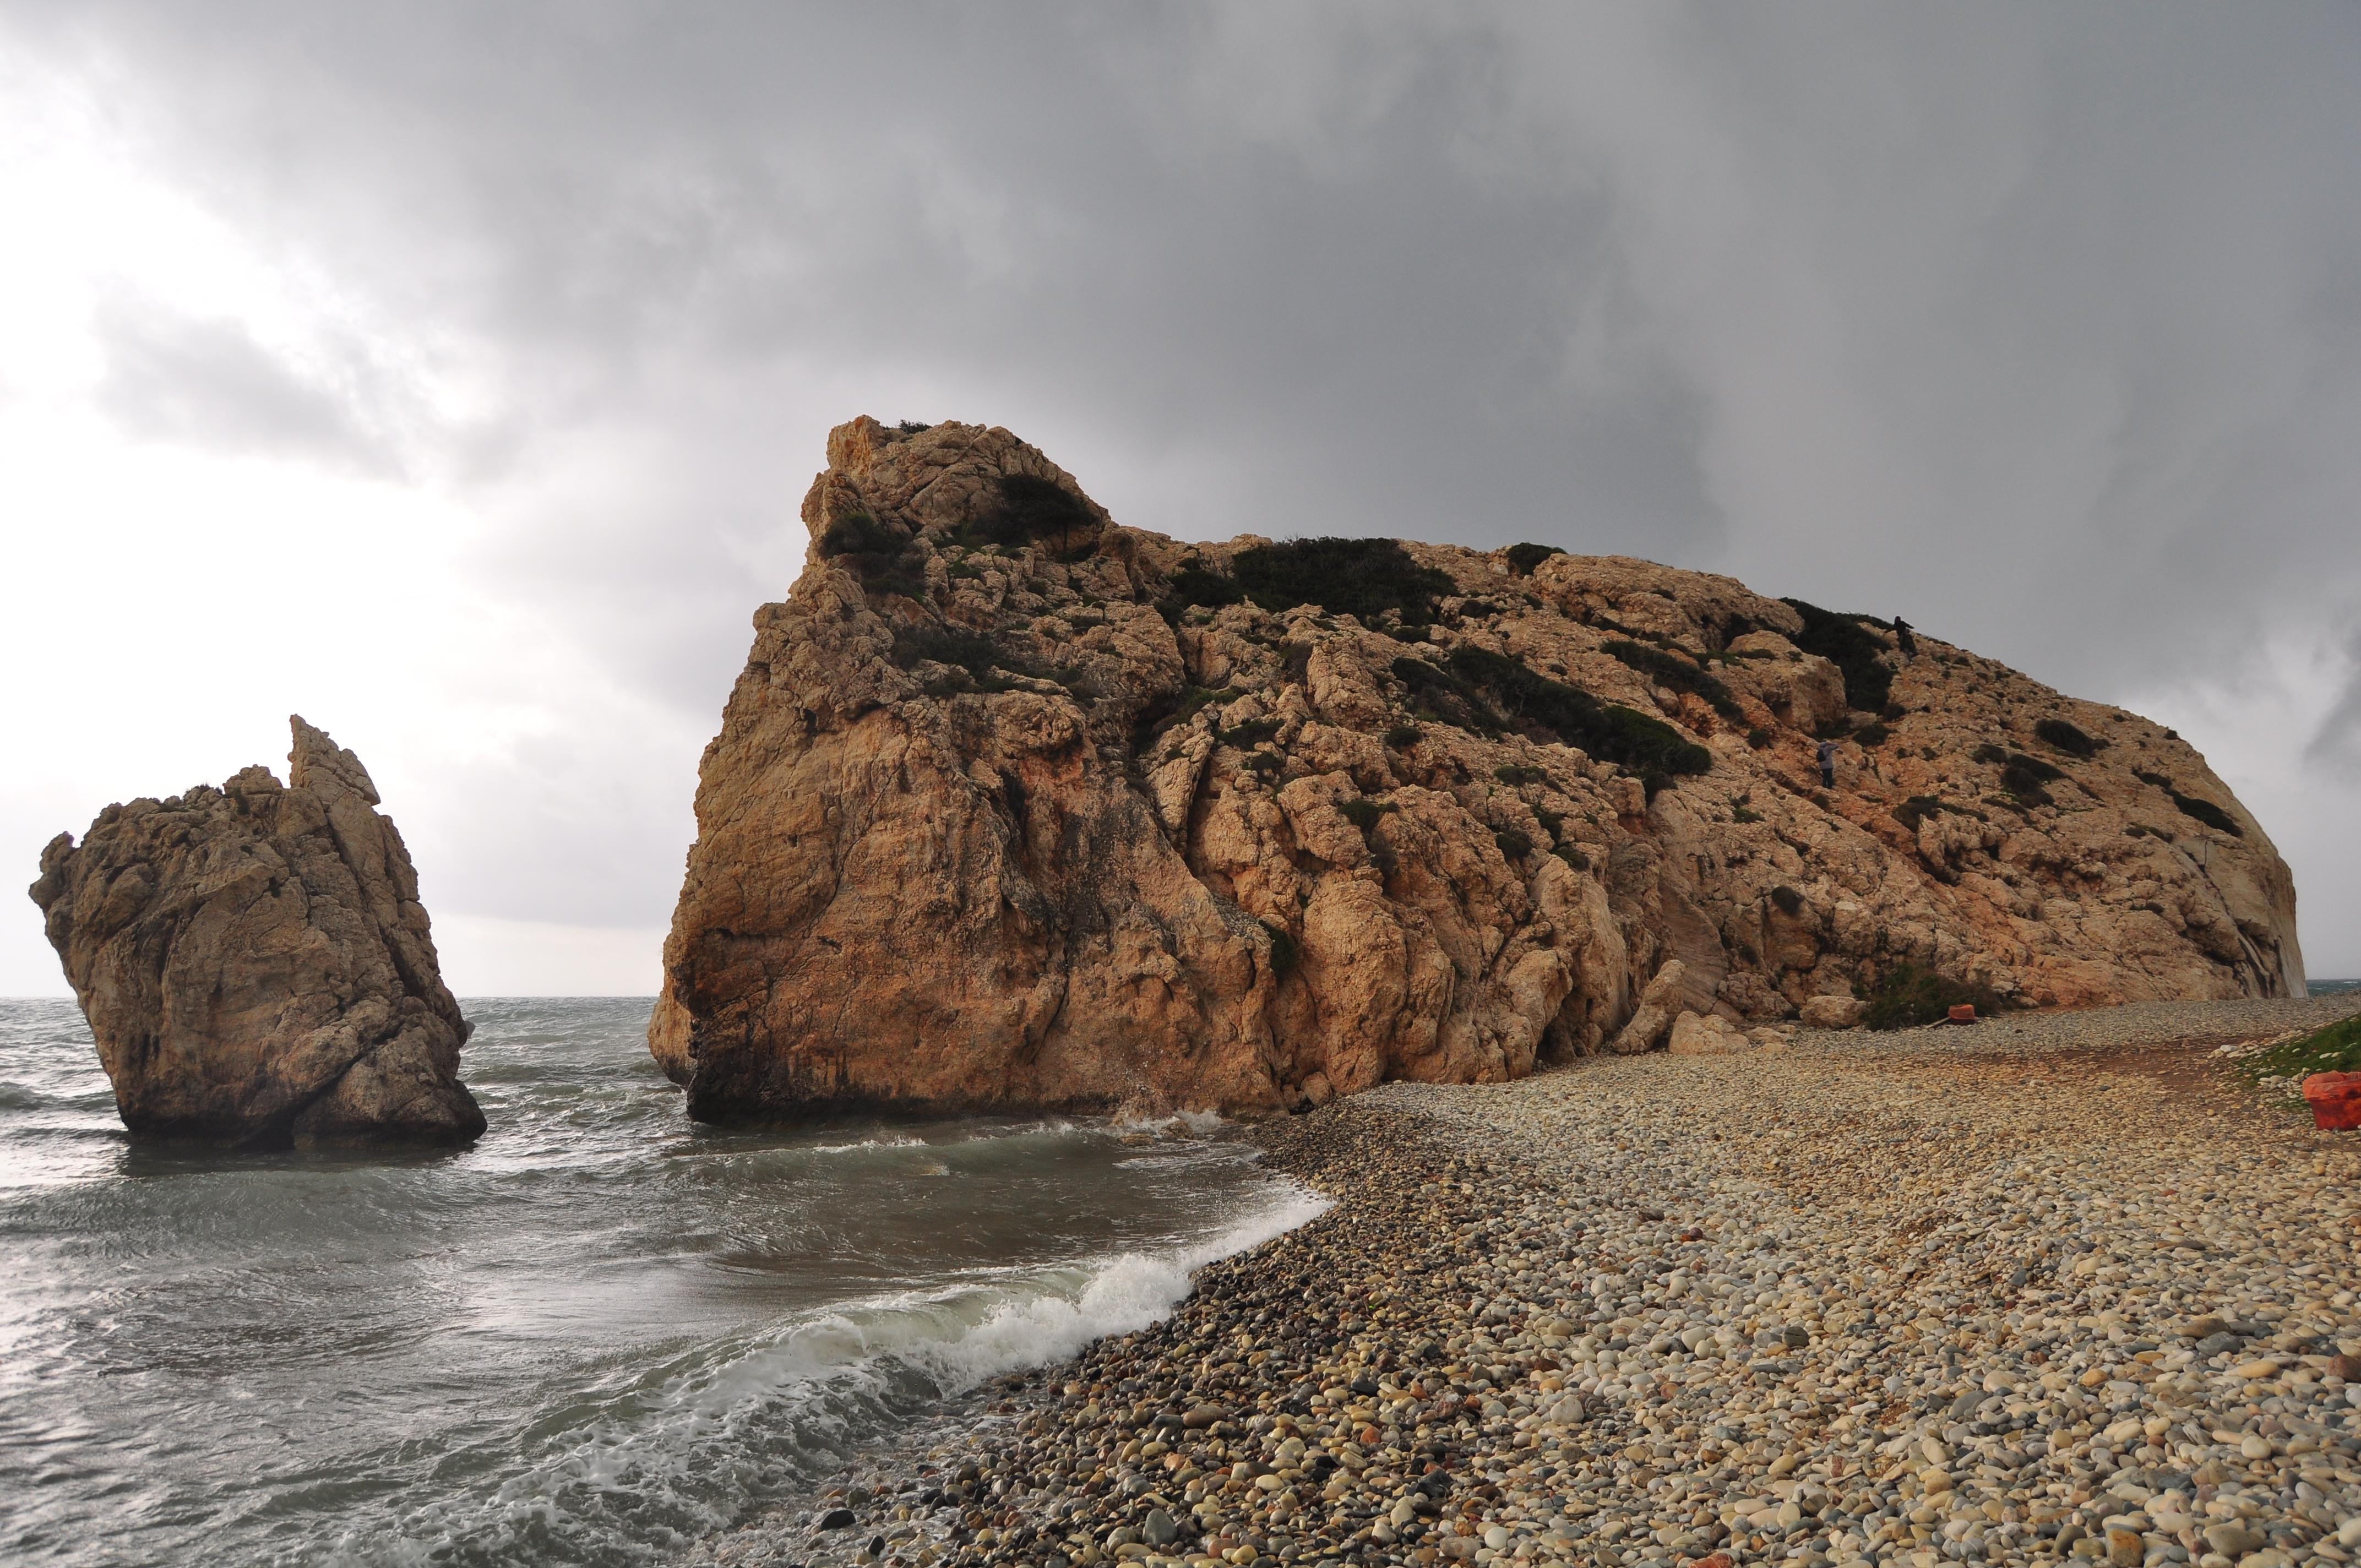 Stanca Afroditei. Petra tou Romiou. Cipru